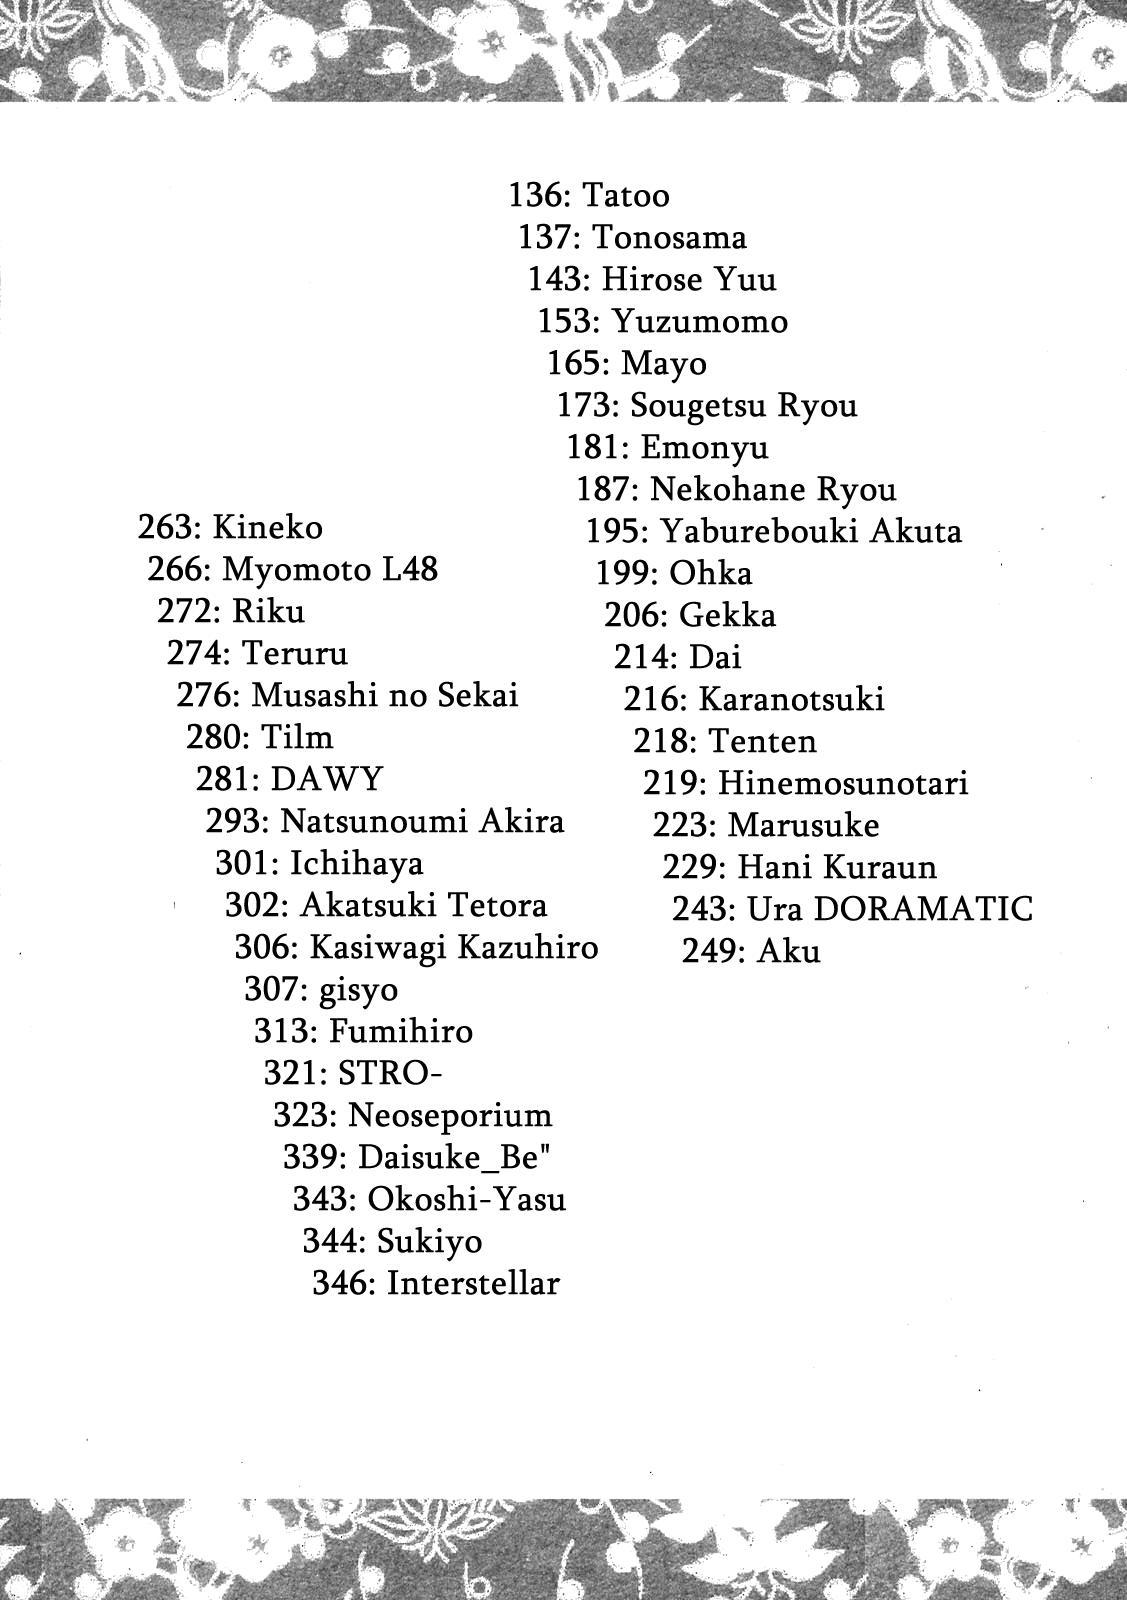 (C76) [Yuzumomo Jam (Various)] Shoujo Sousei Emaki - Touhou Odori Enbu You no Shou - Fancy Girl's Equipment Ch. 1-17 (Touhou Project) [English] [UMAD] 25